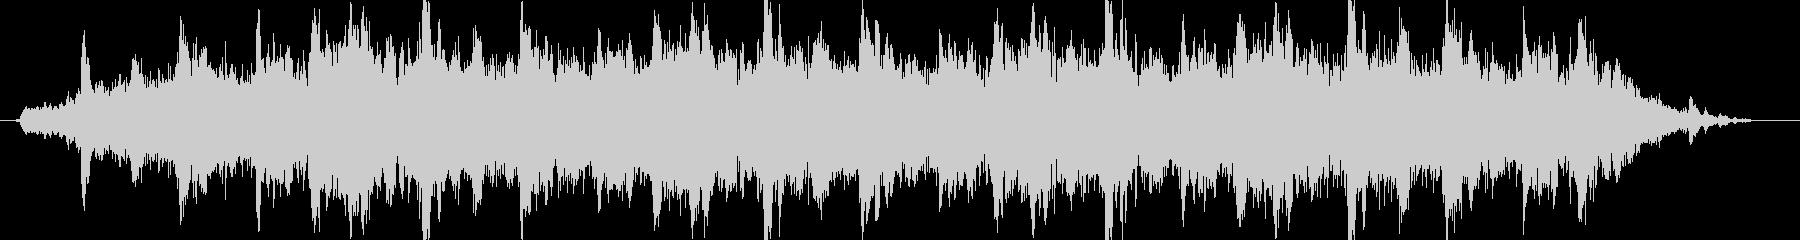 ドローン ハイチャイム03の未再生の波形